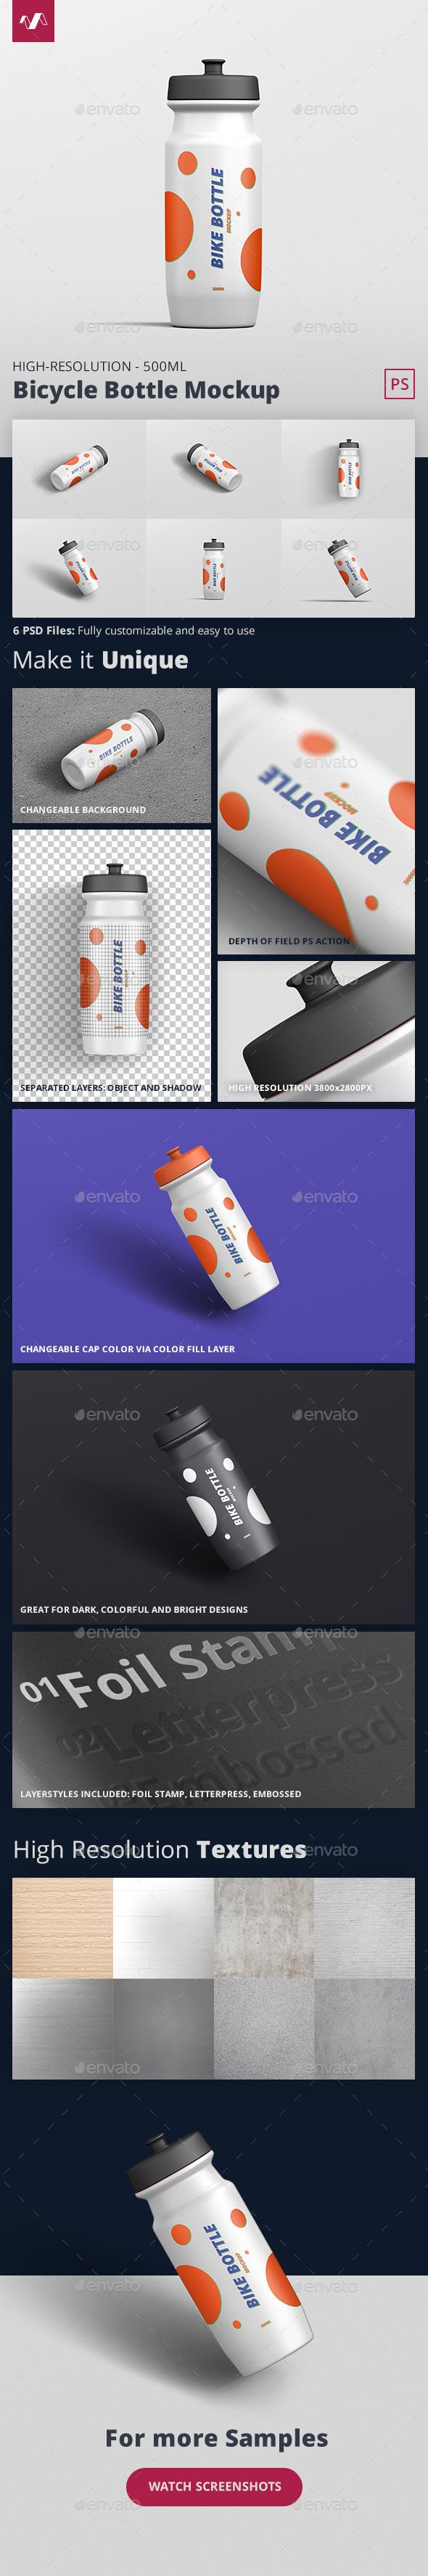 Bicycle Bottle Mockup 500ml